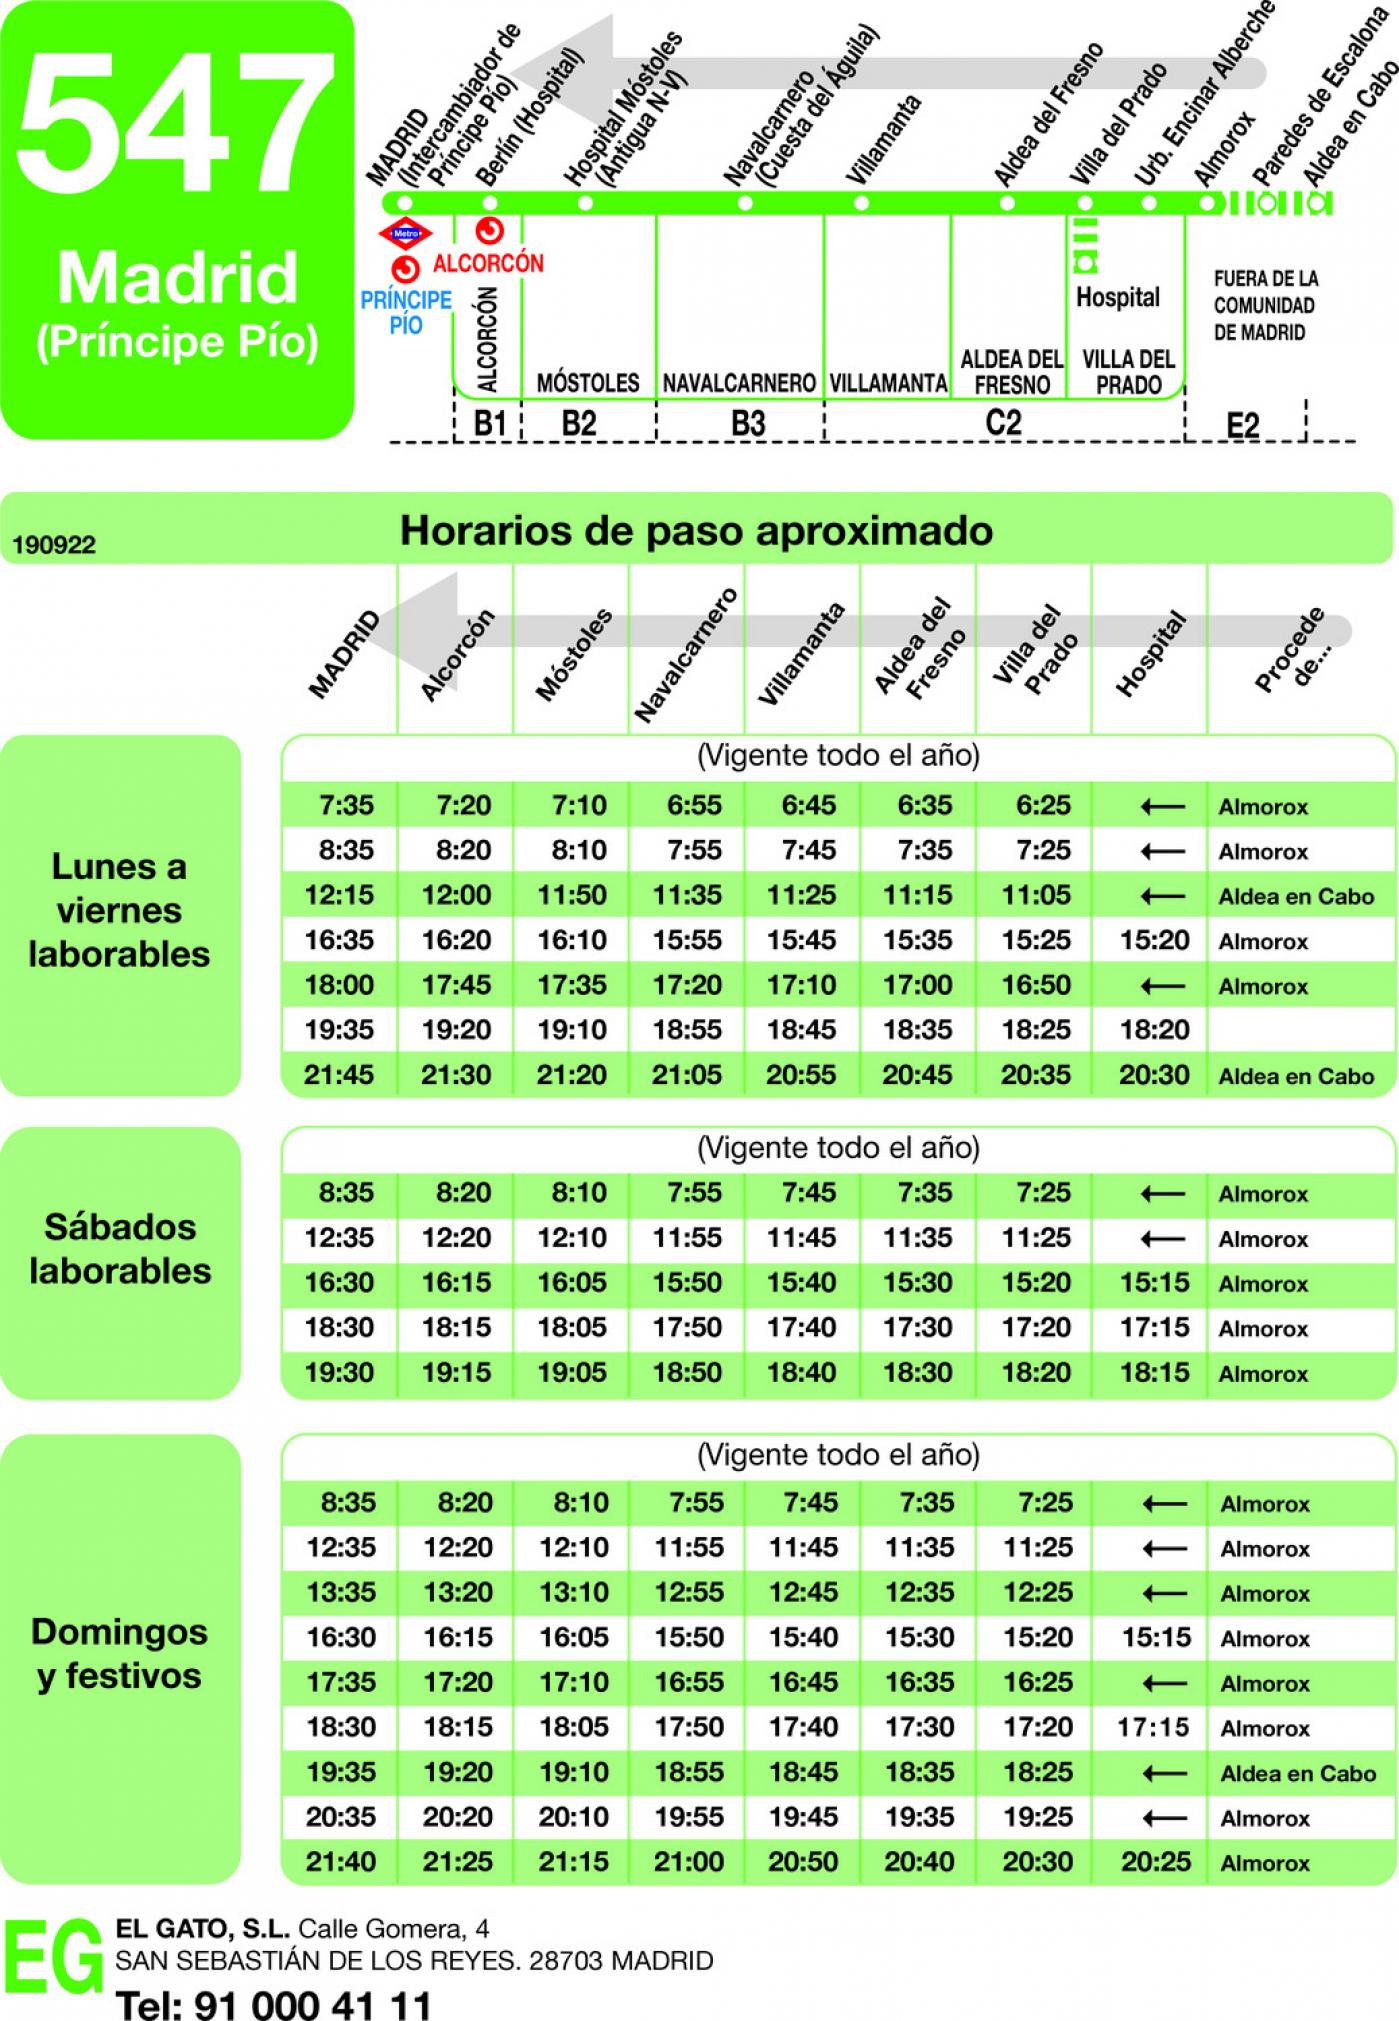 Tabla de horarios y frecuencias de paso en sentido vuelta Línea 547: Madrid (Principe Pío) - Villa del Prado - Almorox - Aldeaencabo